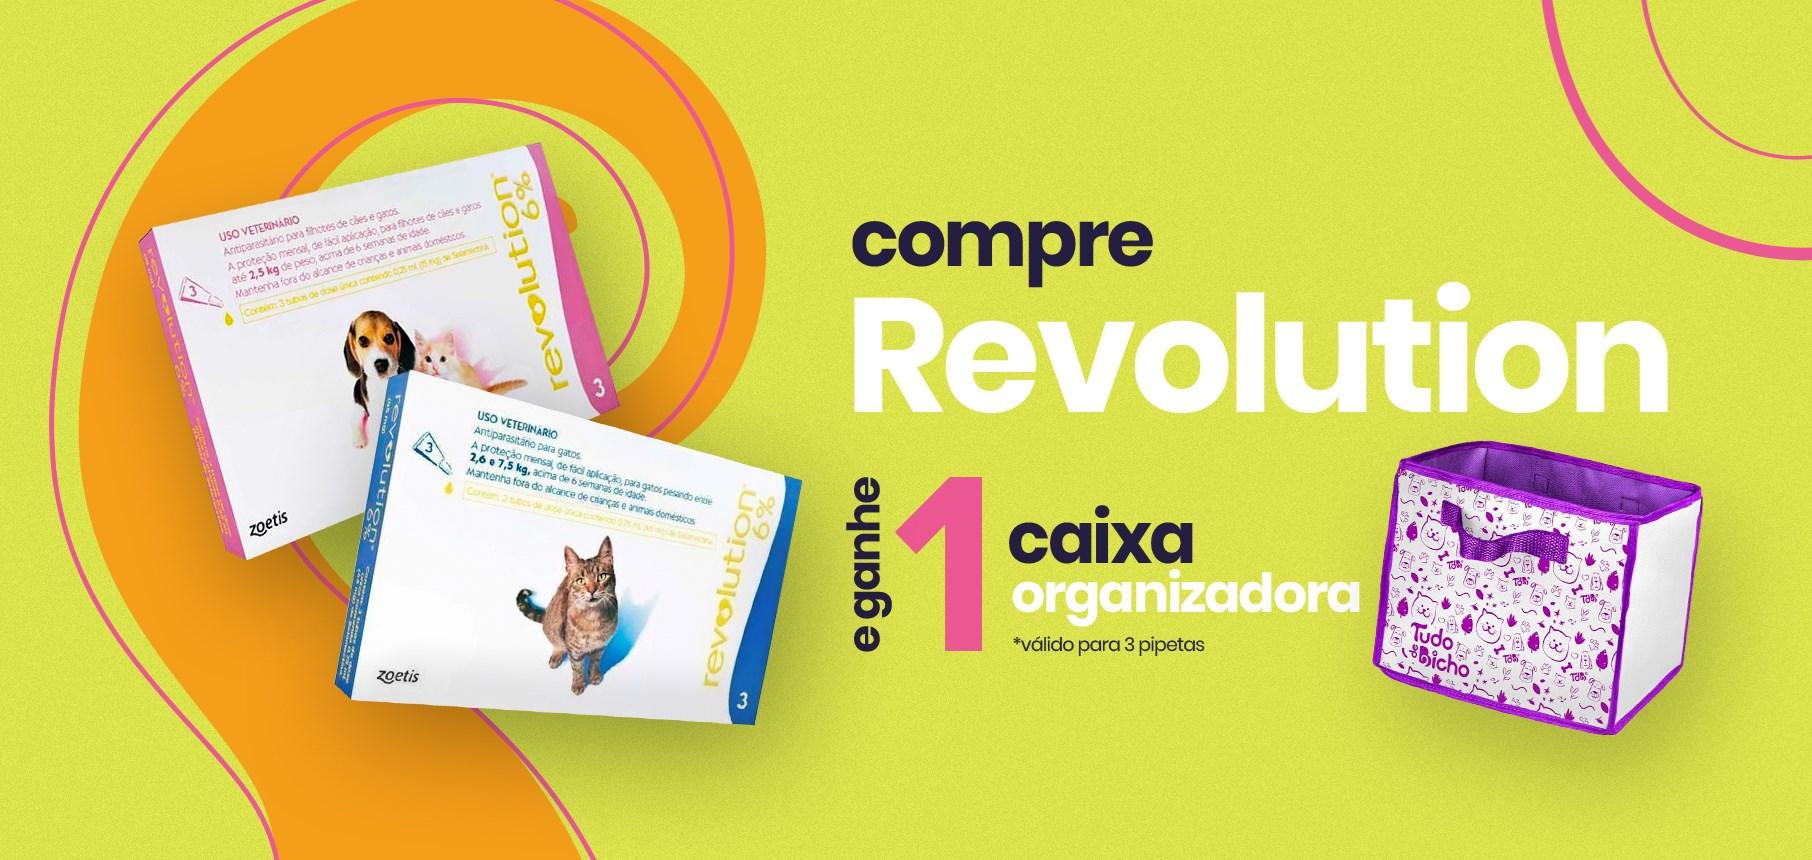 Compre Revolution c/3 e ganhe 1 caixa organizadora